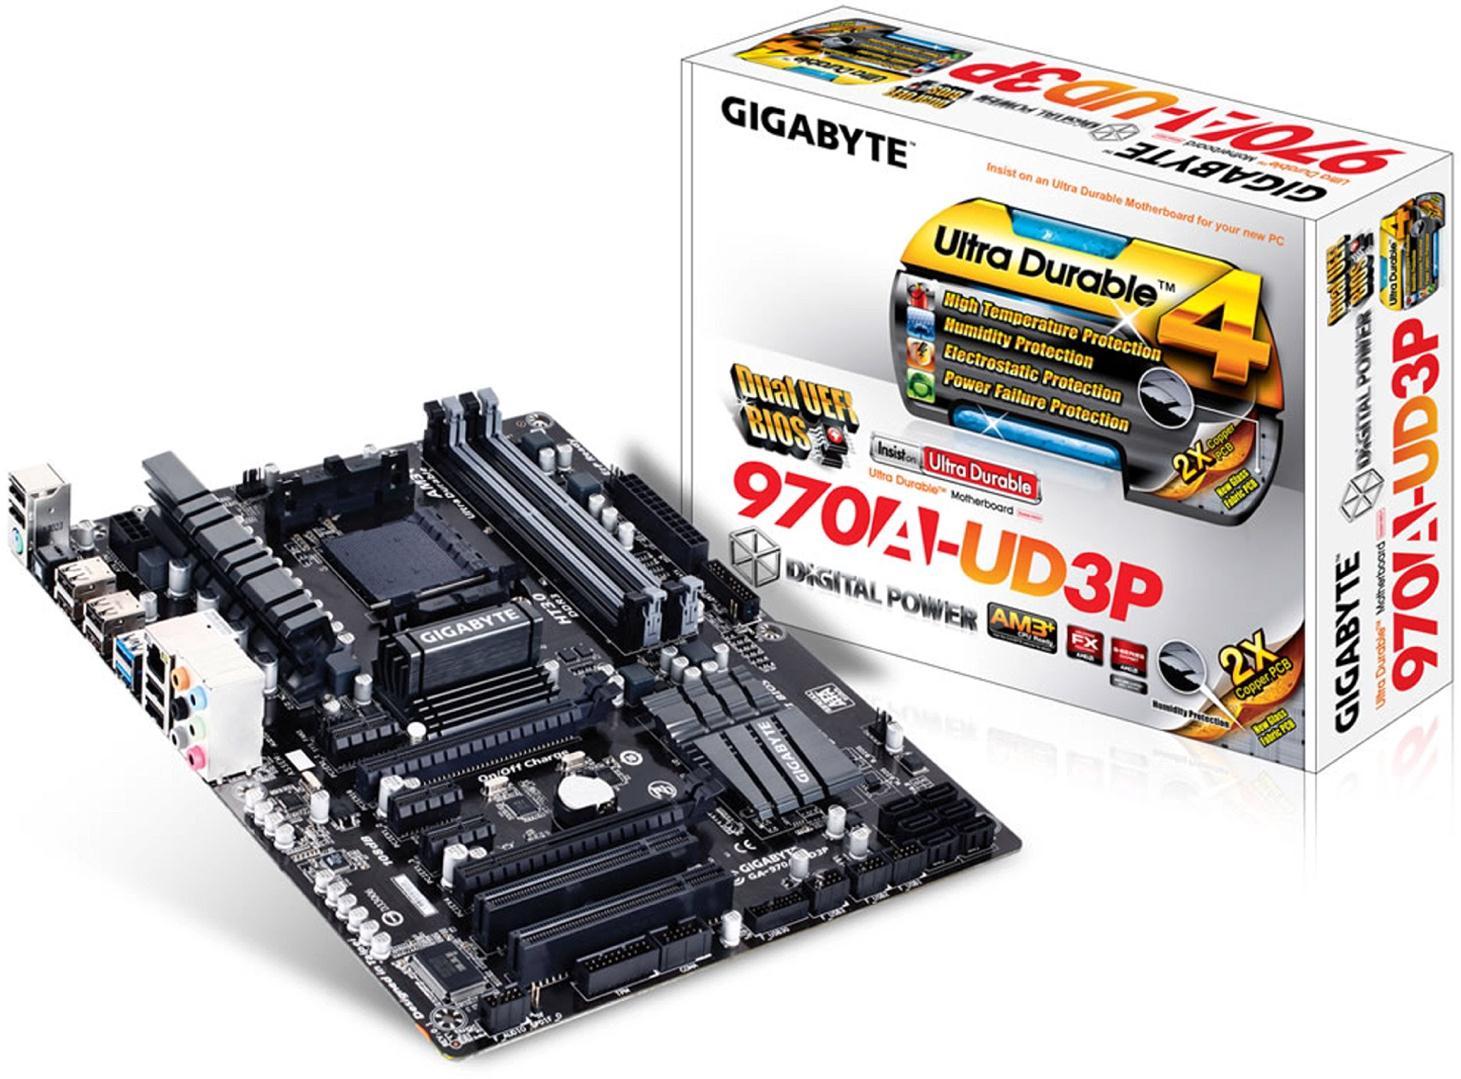 Gigabyte 970A-UD3P Motherboard Socket AM3+ AMD 970 SB950 DDR3 SATA RAID ATX